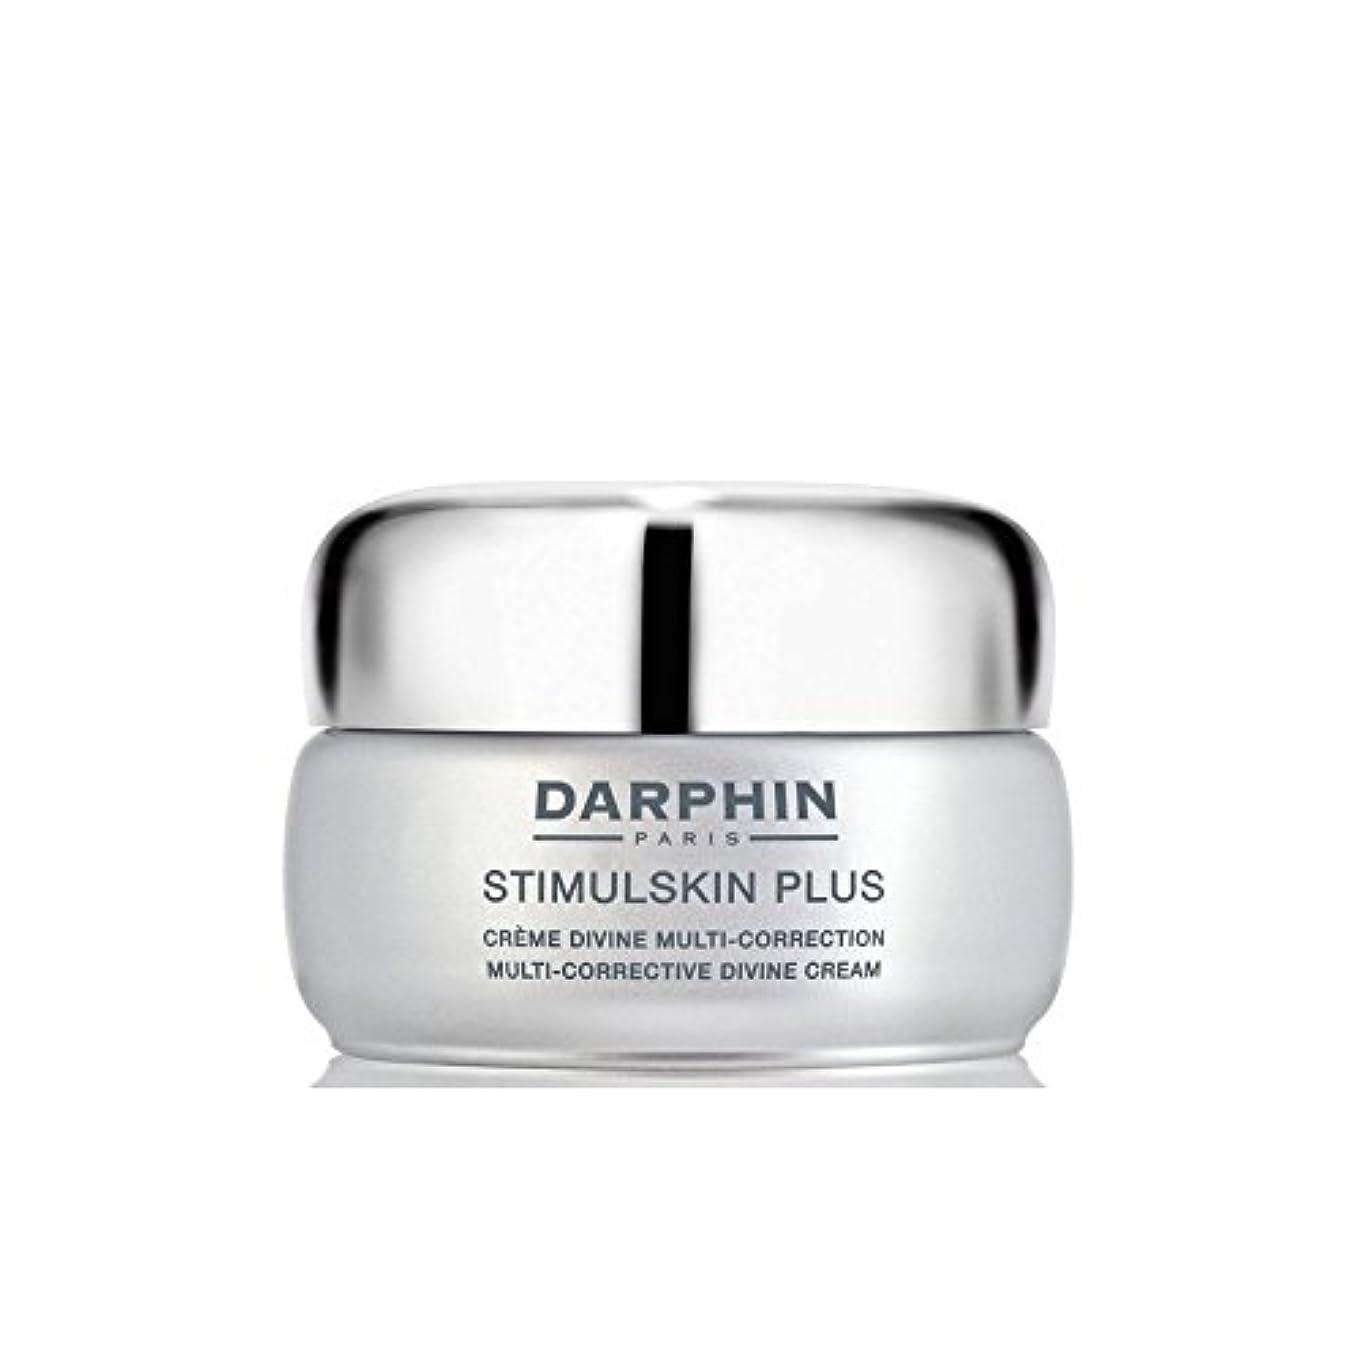 ダース匿名食器棚ダルファンスティプラスマルチ是正神クリーム - 豊富 x2 - Darphin Stimulskin Plus Multi-Corrective Divine Cream - Rich (Pack of 2) [並行輸入品]